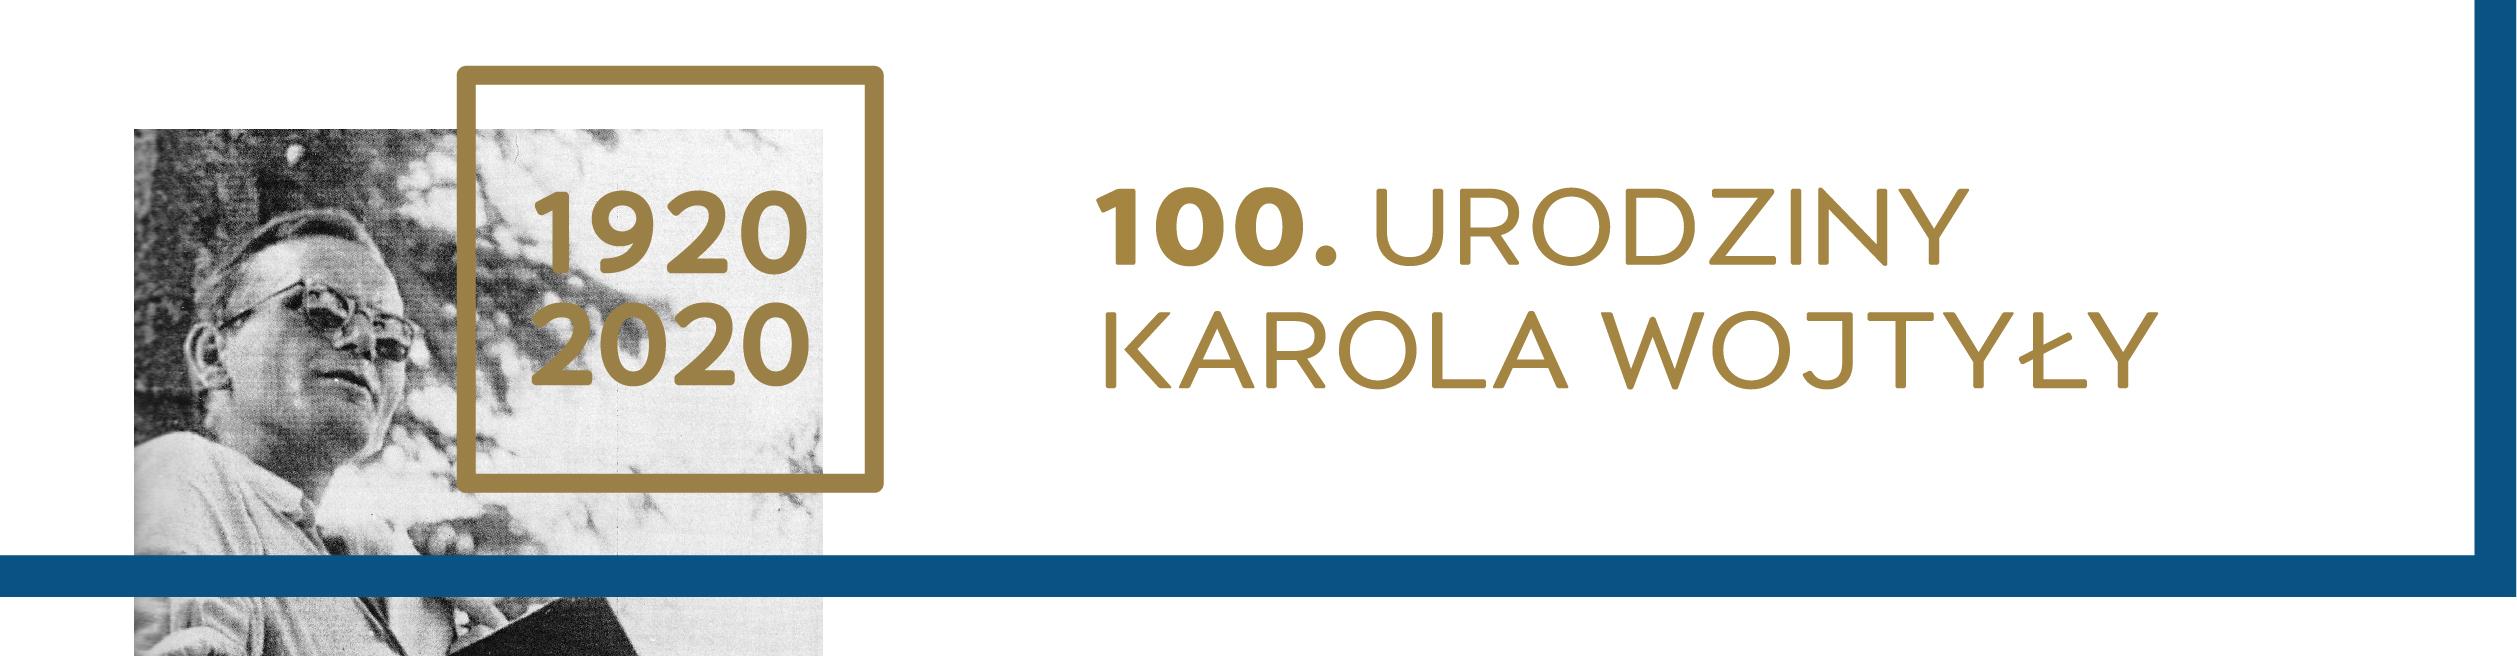 100. urodziny Jana Pawła II